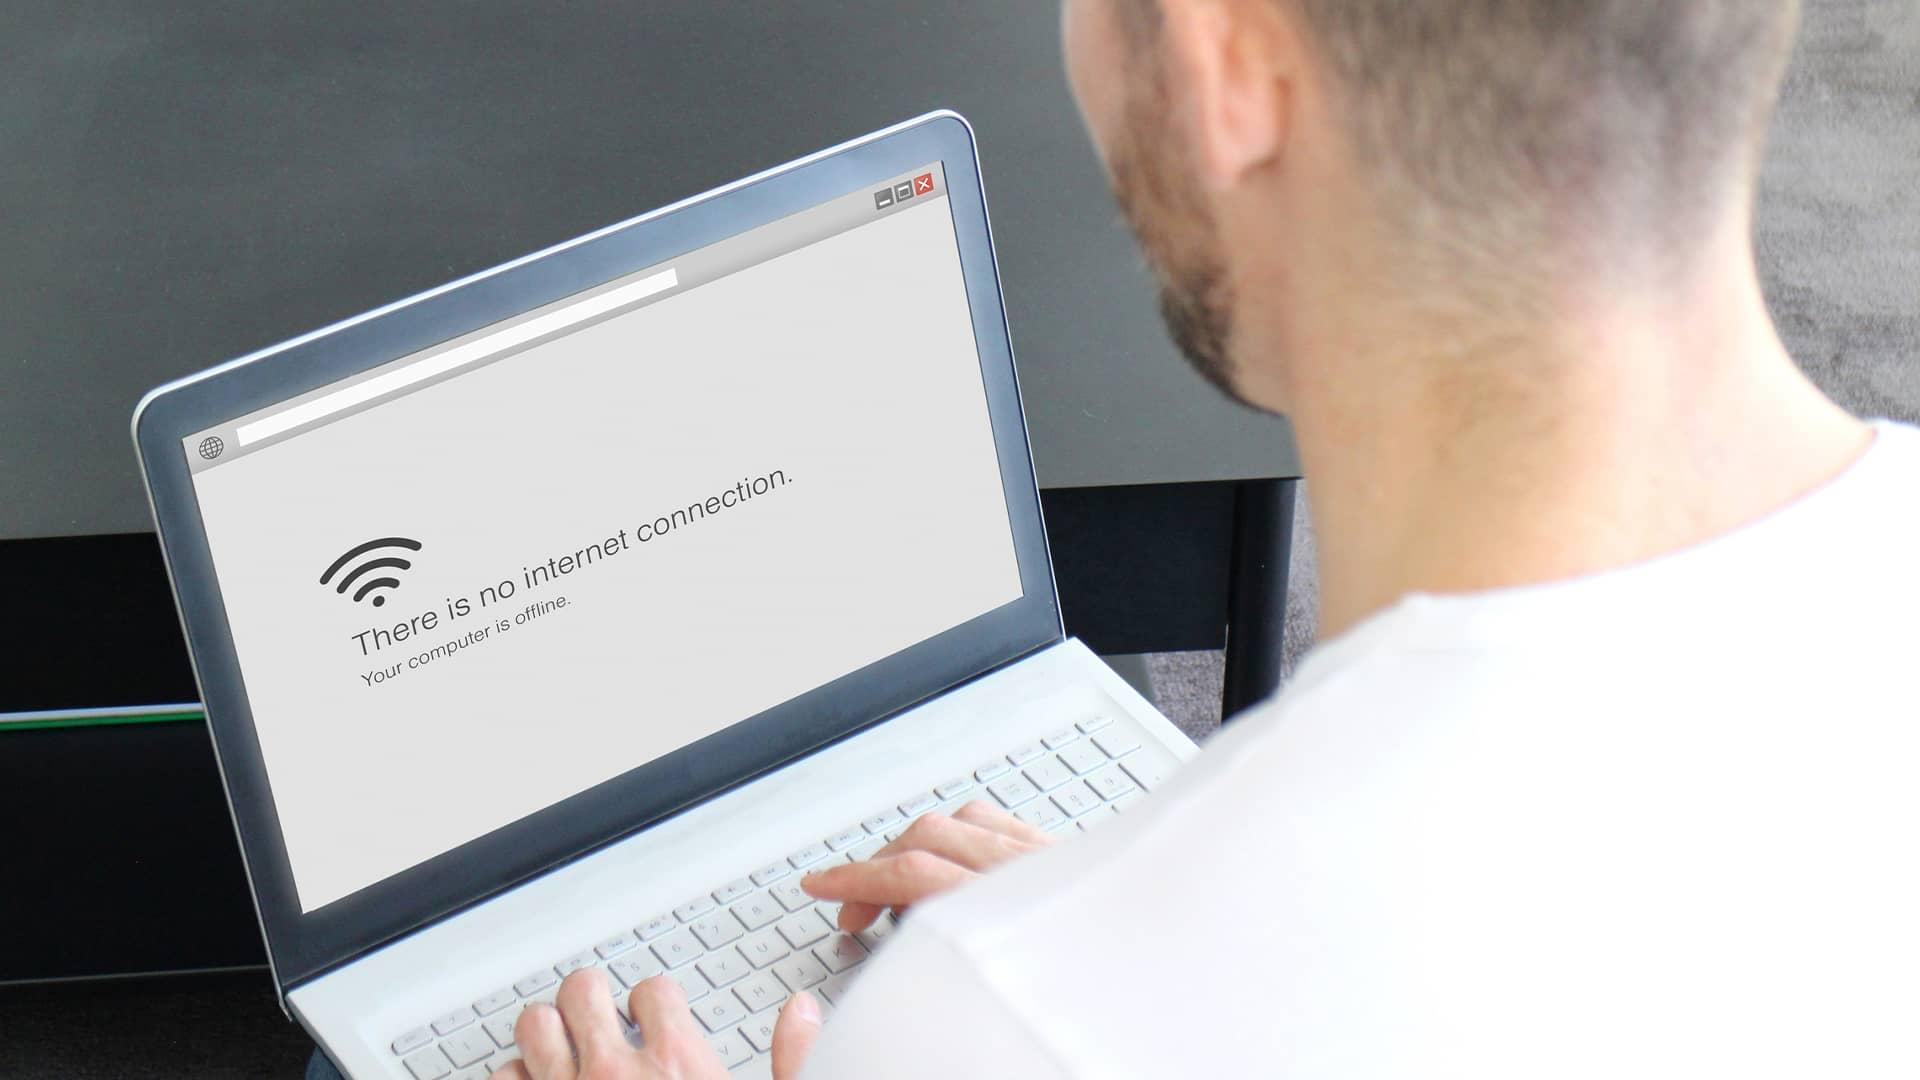 ¿Qué hacer cuando no funciona internet? Pasos a seguir